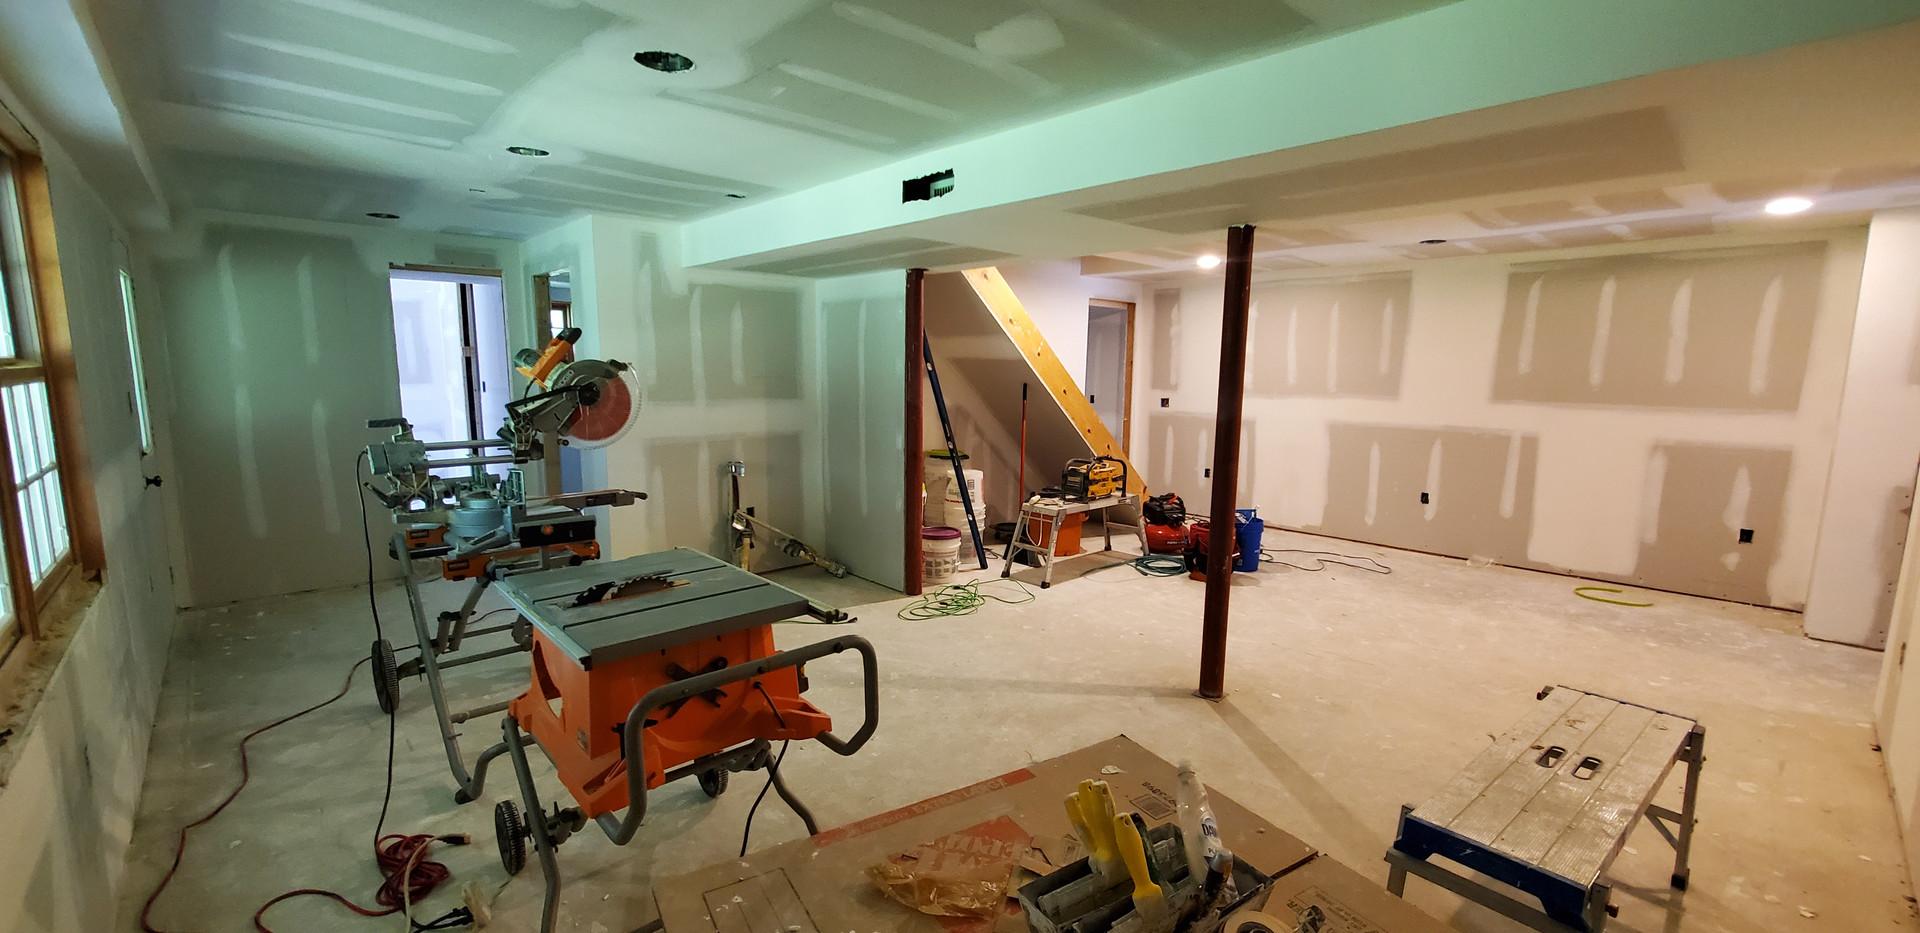 Basement Social Area - Shelton, CT